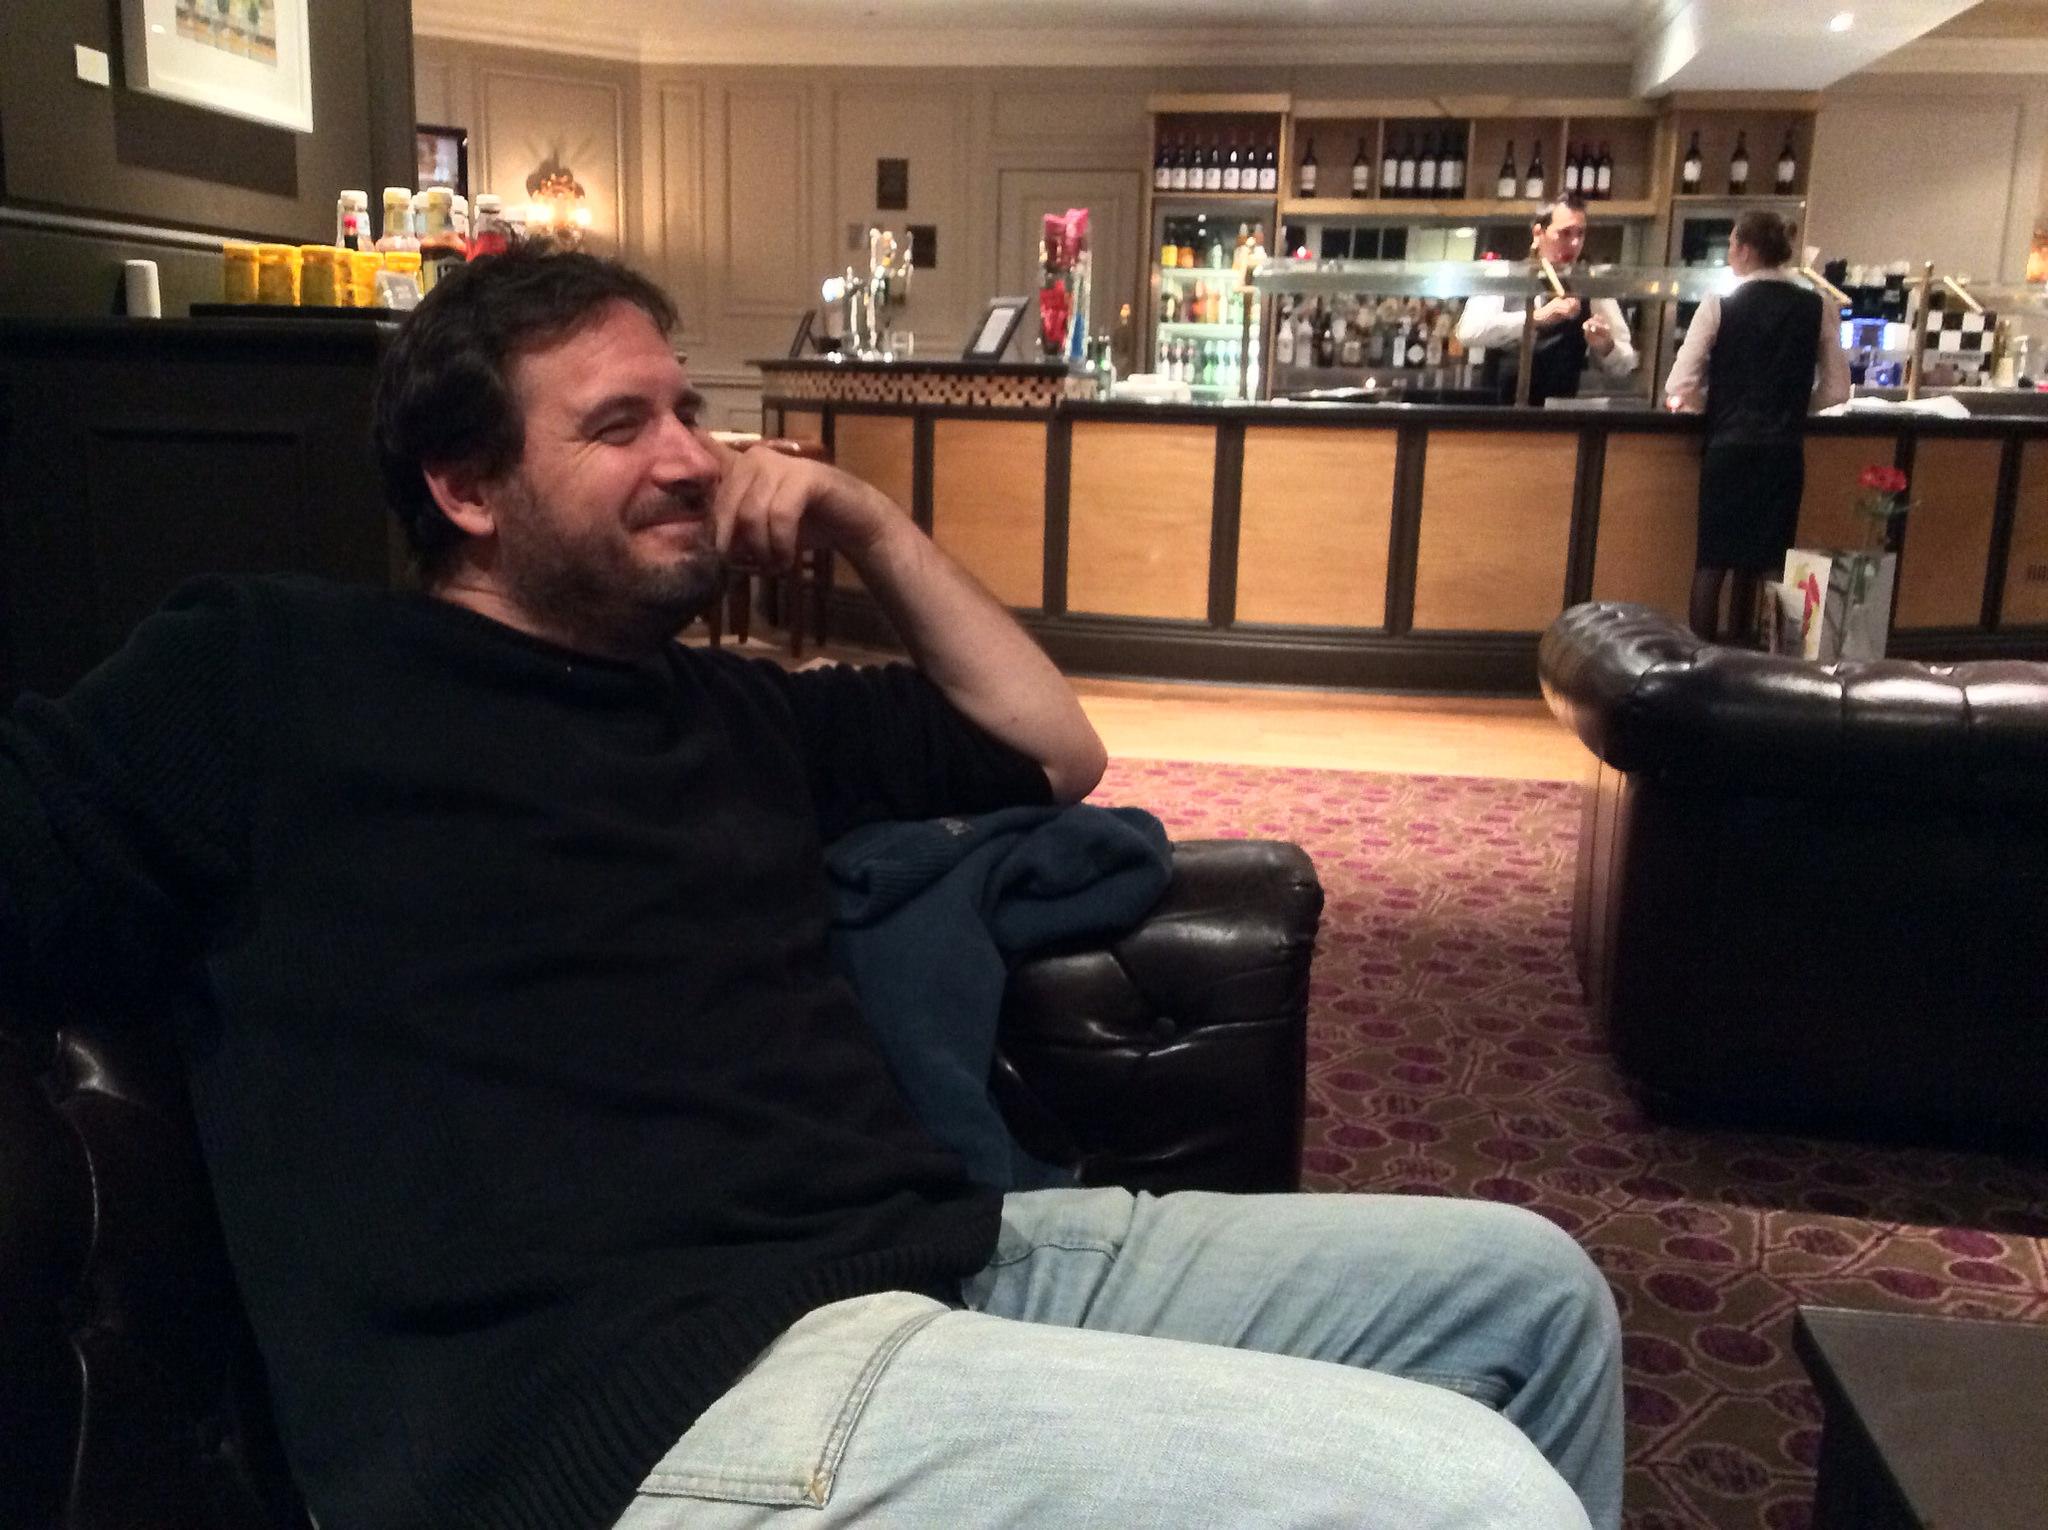 Philip relaxing